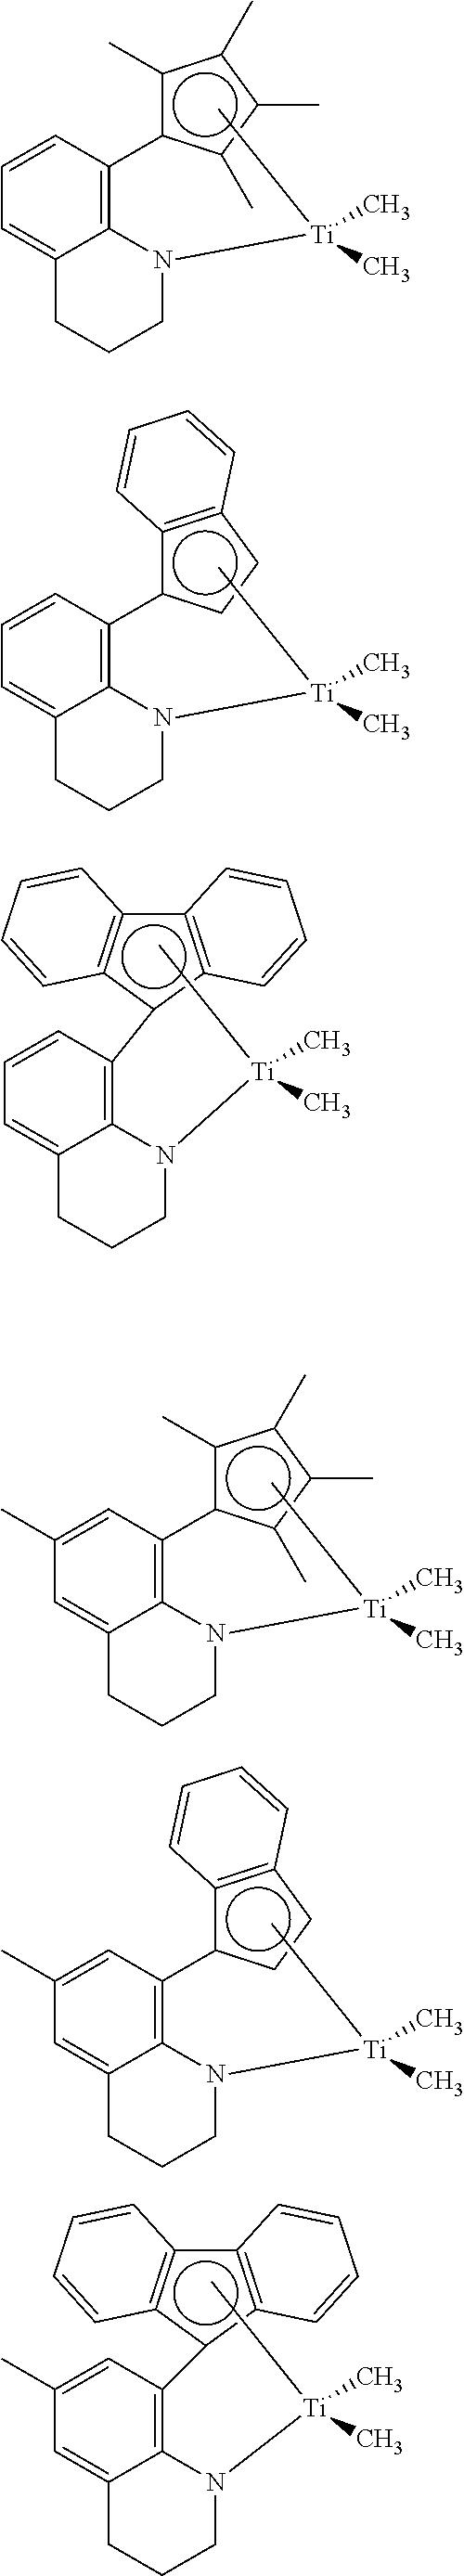 Figure US20110177935A1-20110721-C00023